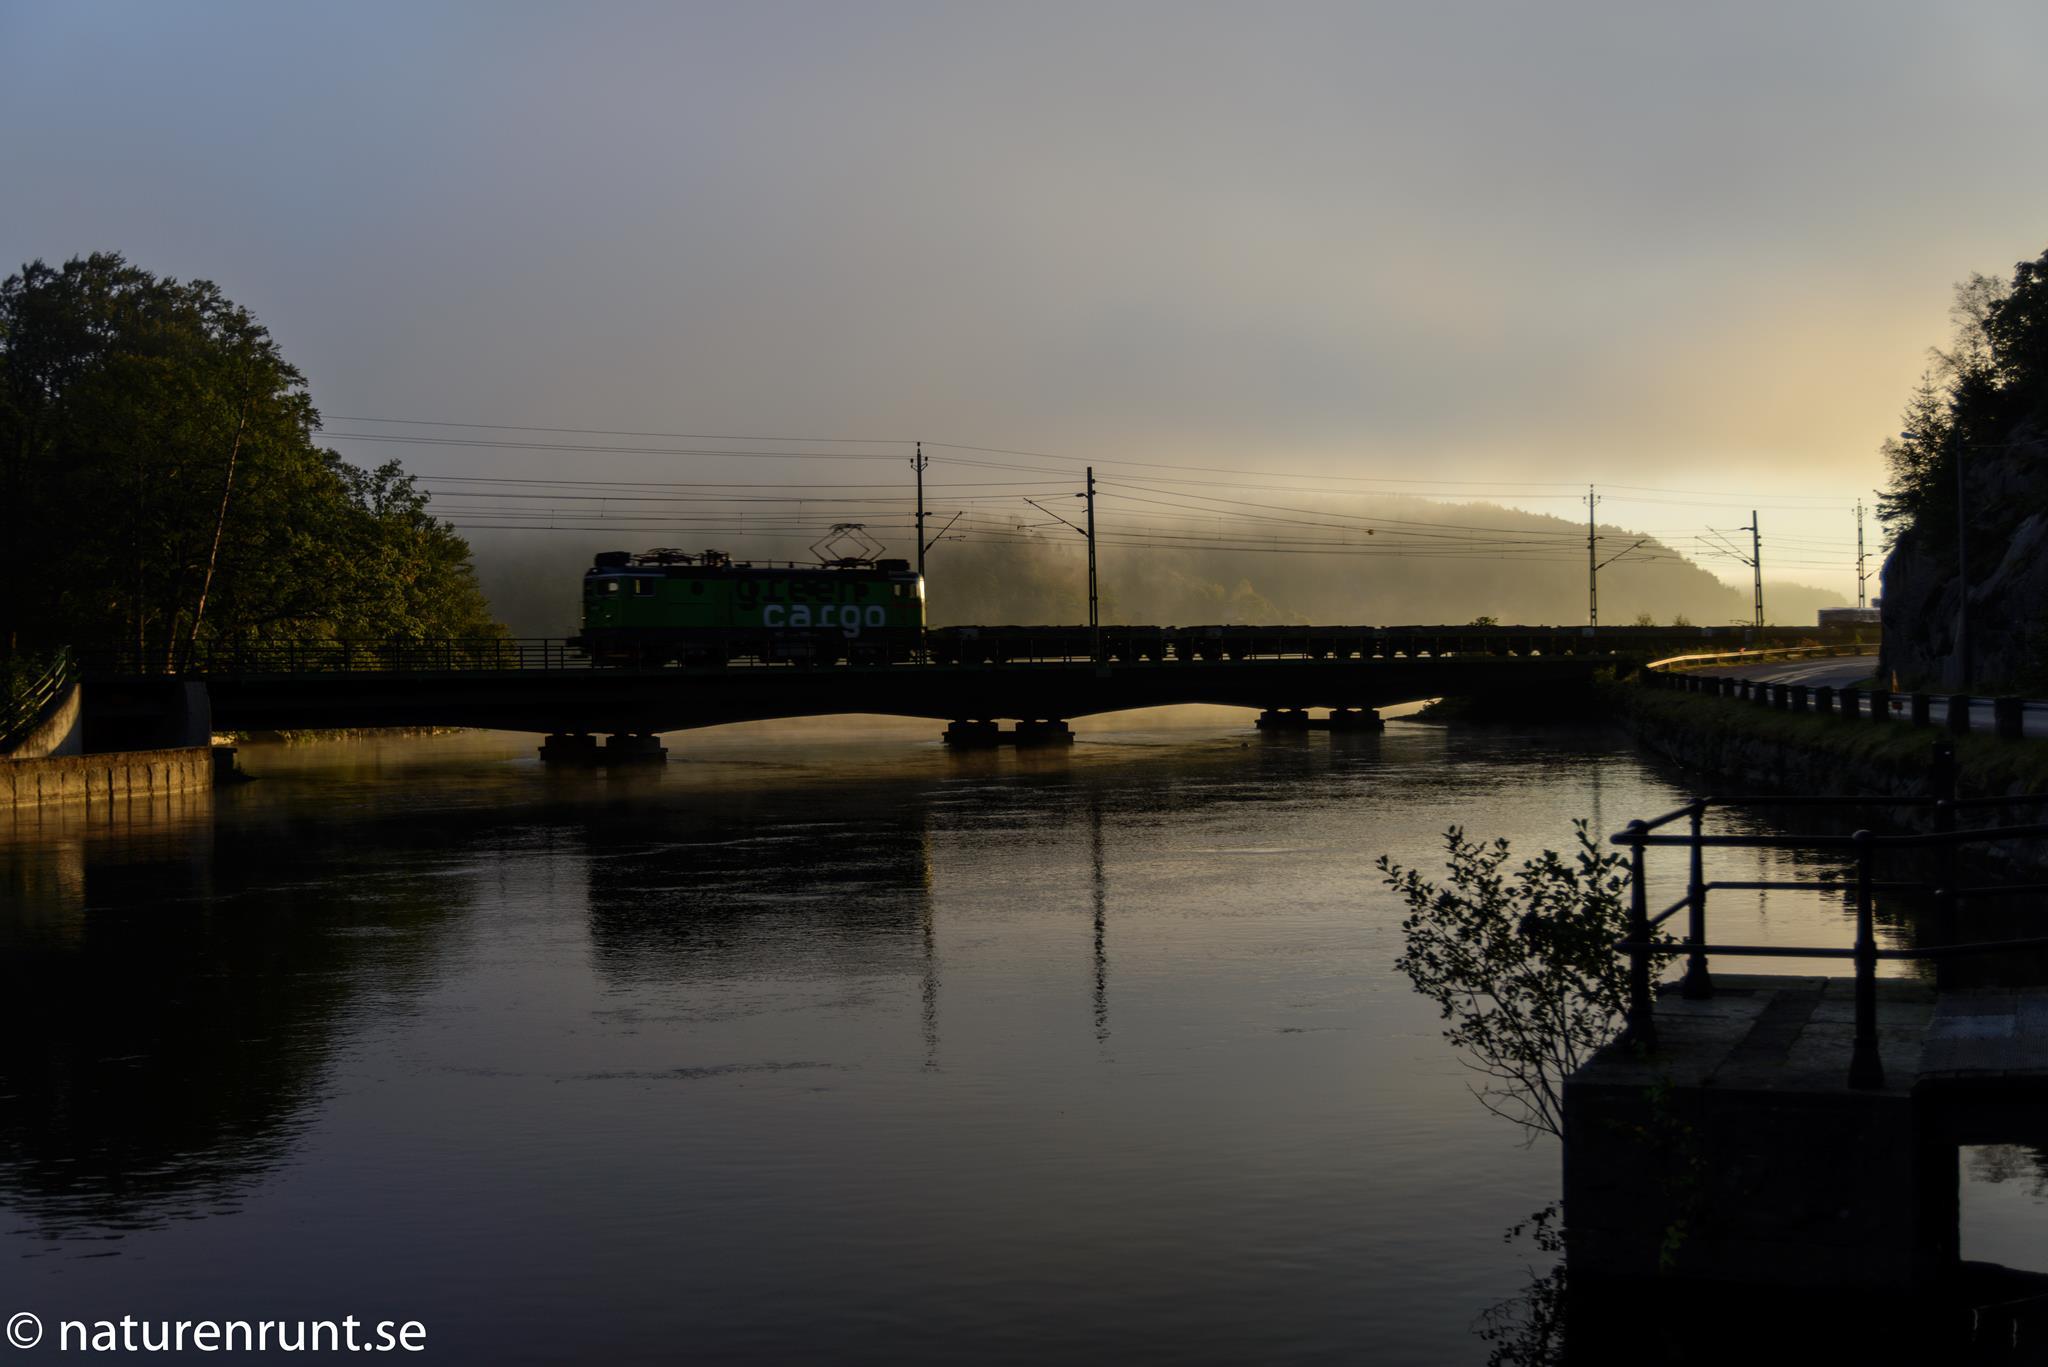 Järnvägen - störande men vacker i morgonljuset